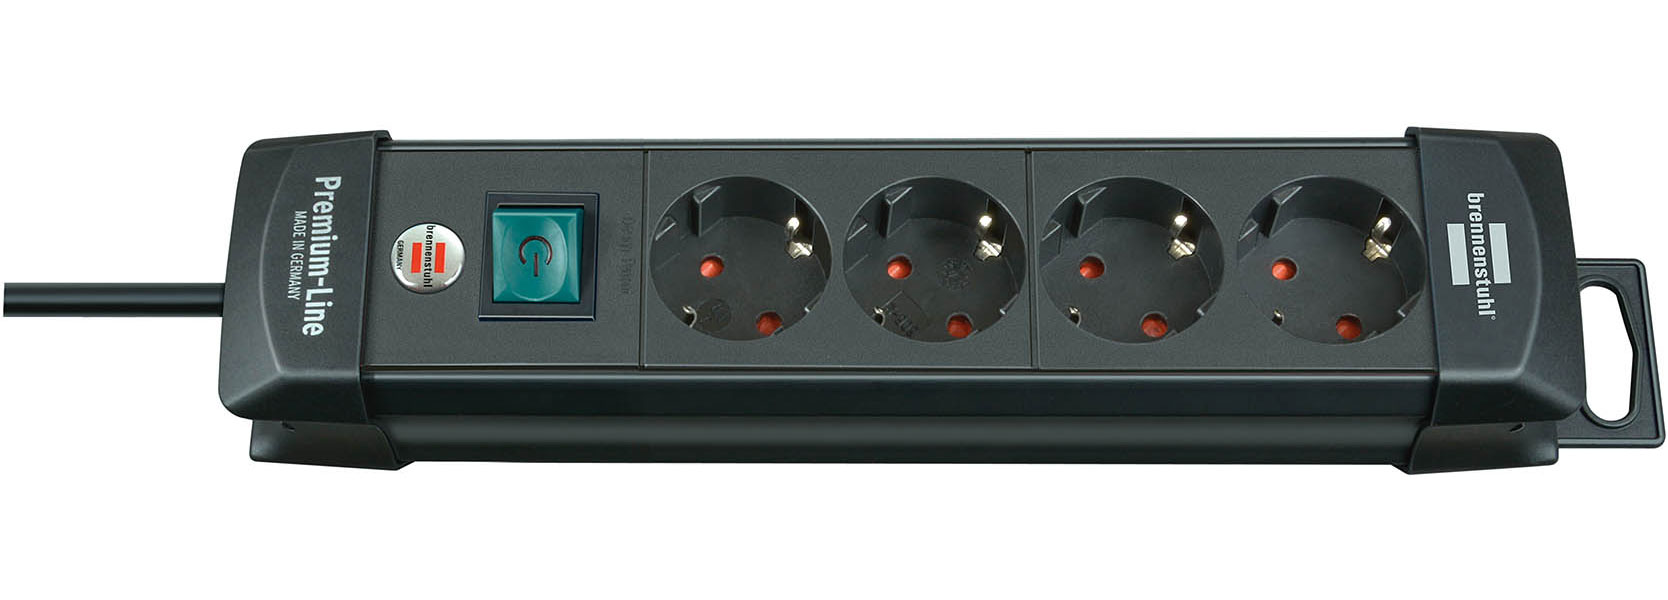 Brennenstuhl Steckdosenleiste Premium-Line 1,8m 4-fach schwarz Bild 1